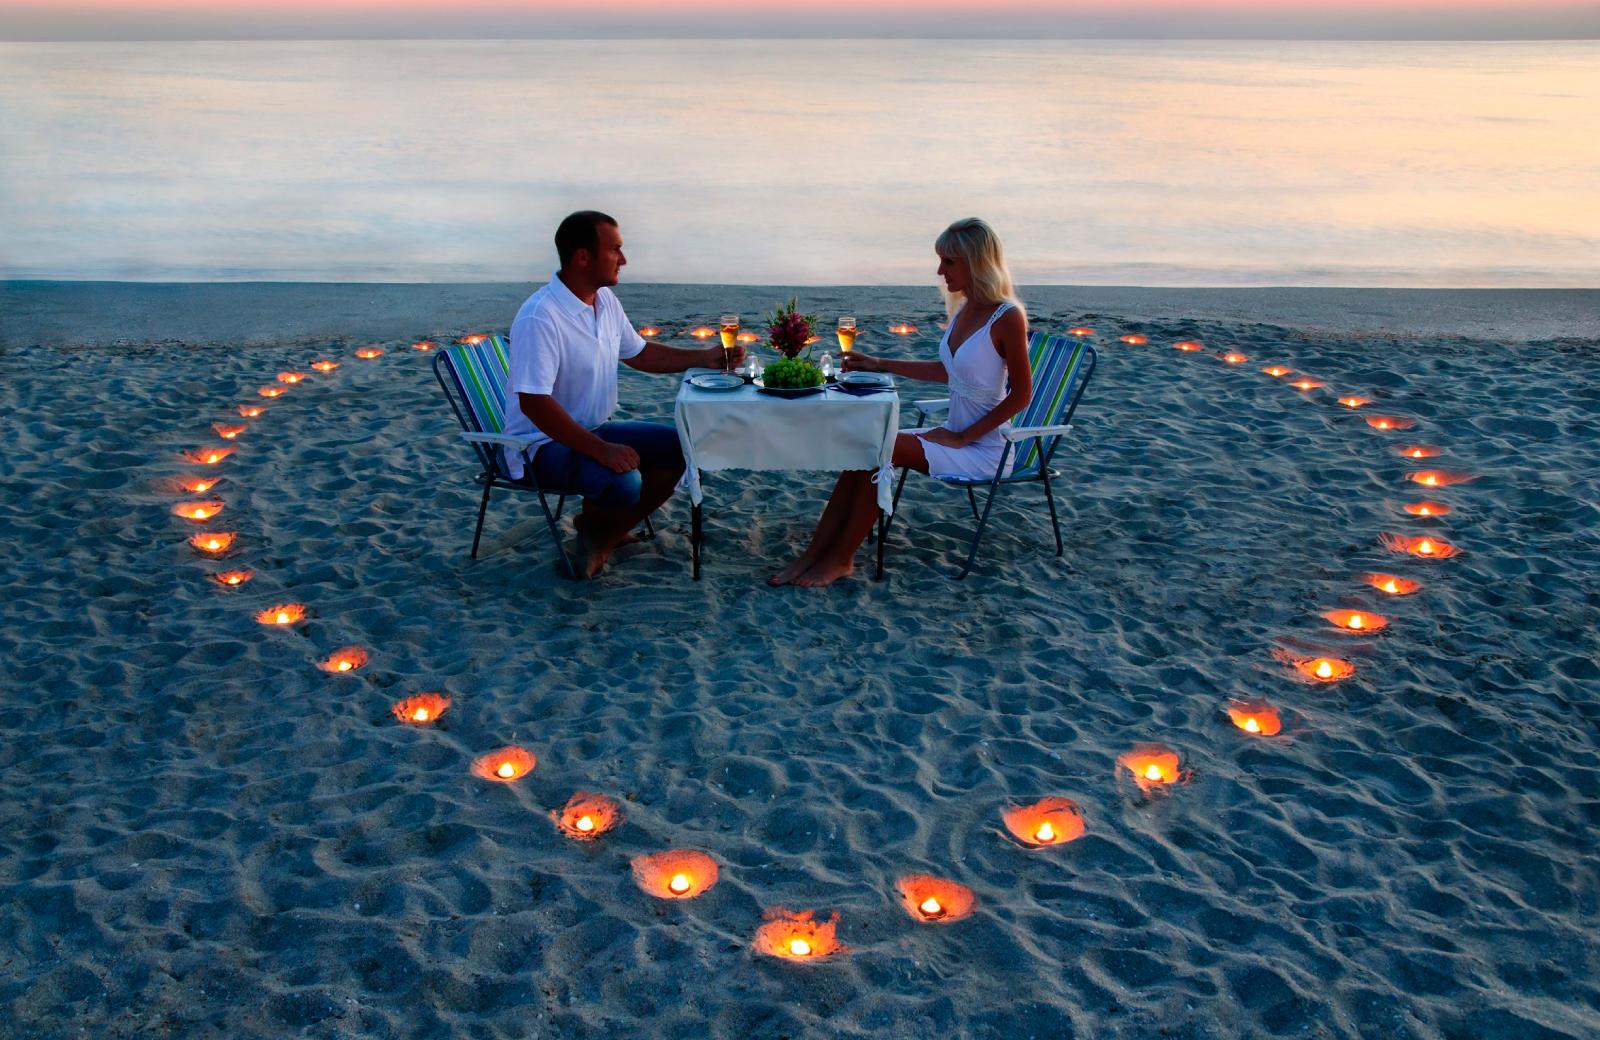 Bildresultat för valentines day love beach